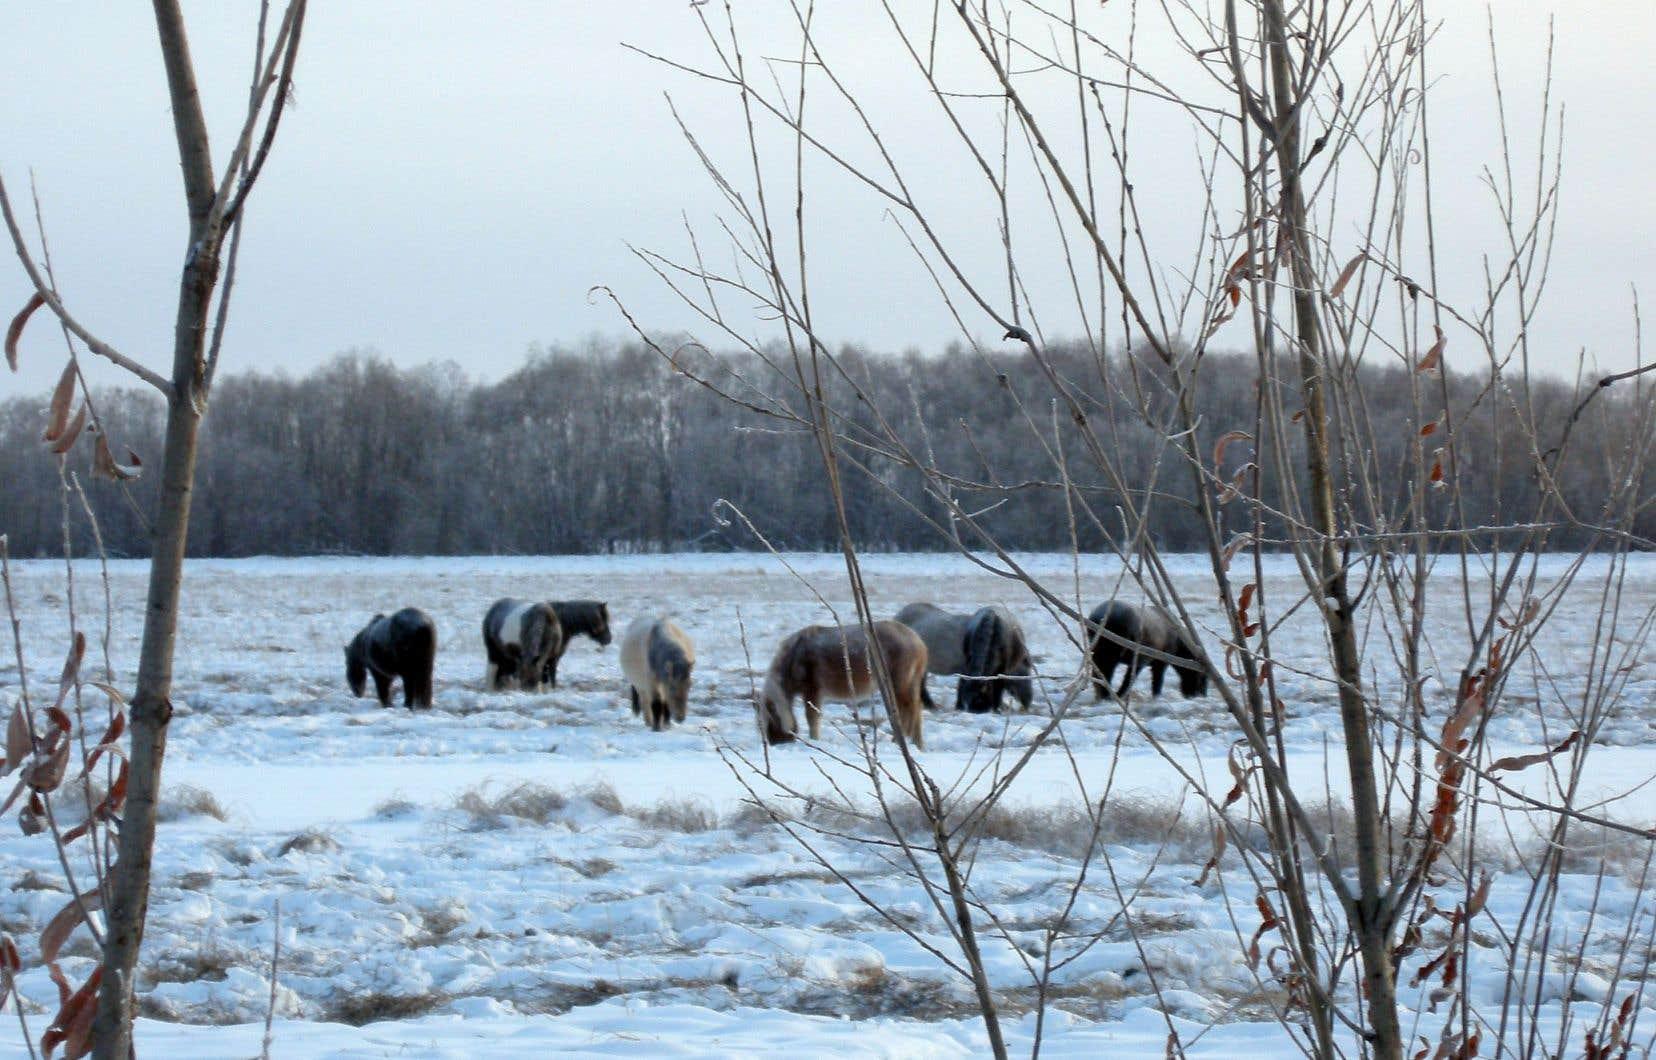 Un troupeau de chevaux yakoutes, mi-sauvages, broutent dans une prairie enneigée près de la route des os.